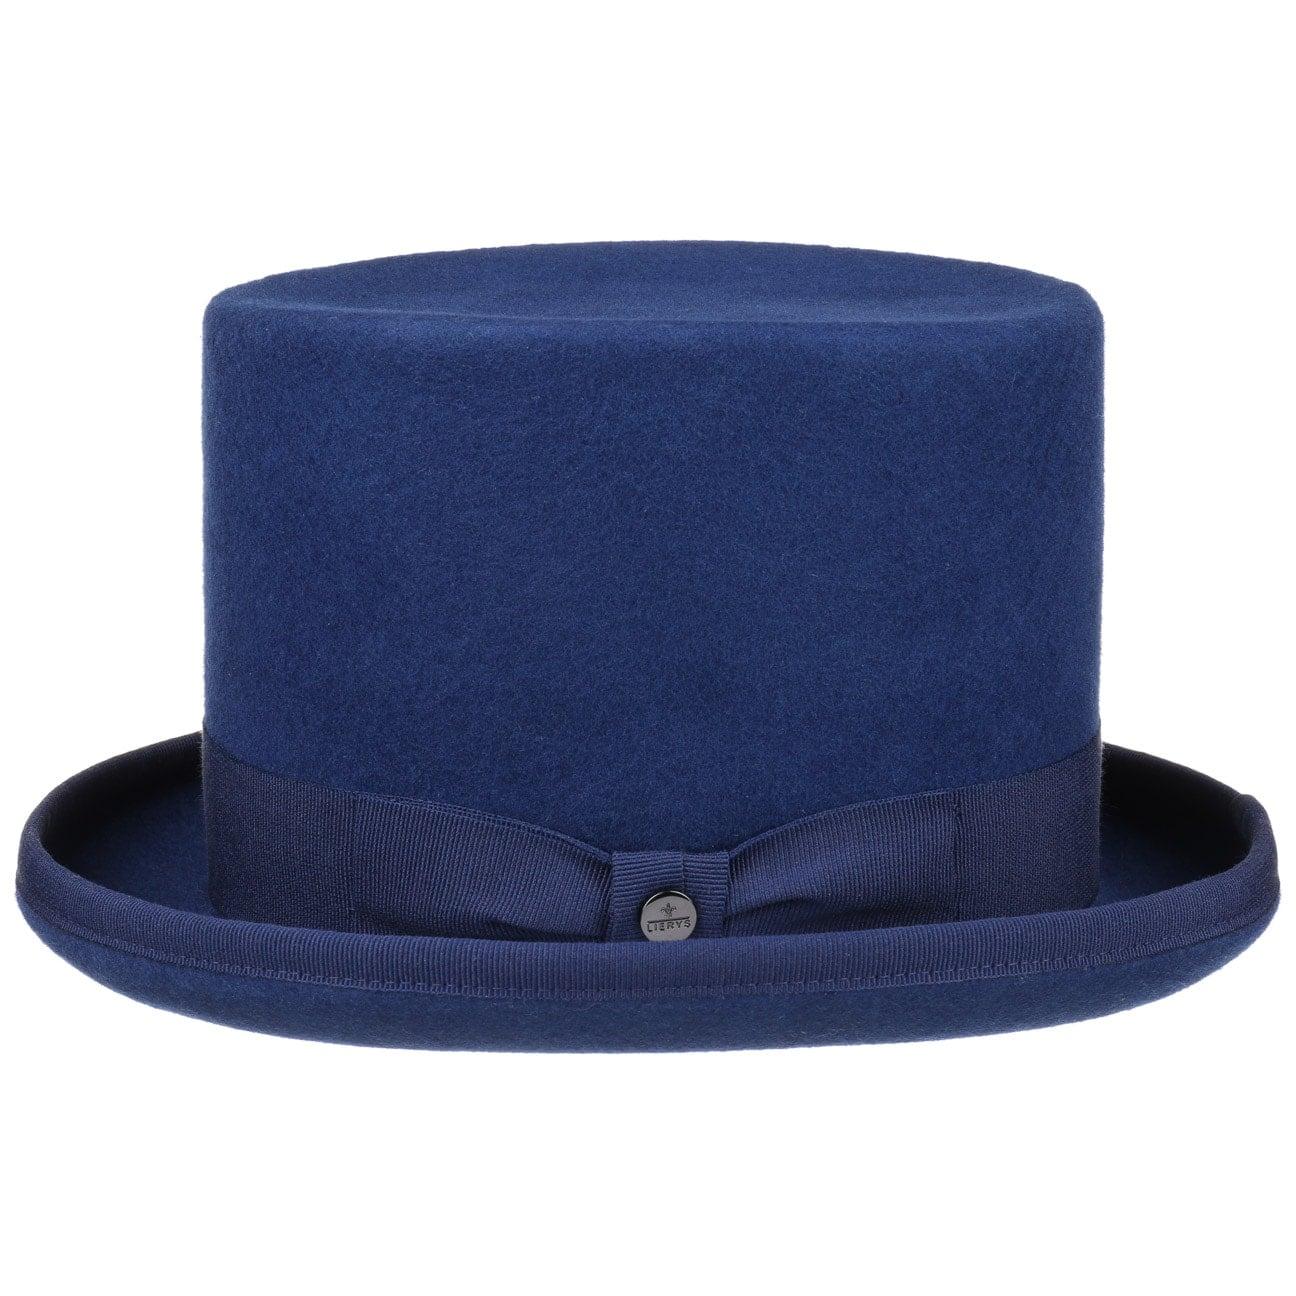 Sombrero de Copa Fieltro Uni by Lierys - Sombreros - sombreroshop.es 8ab830b8ac1